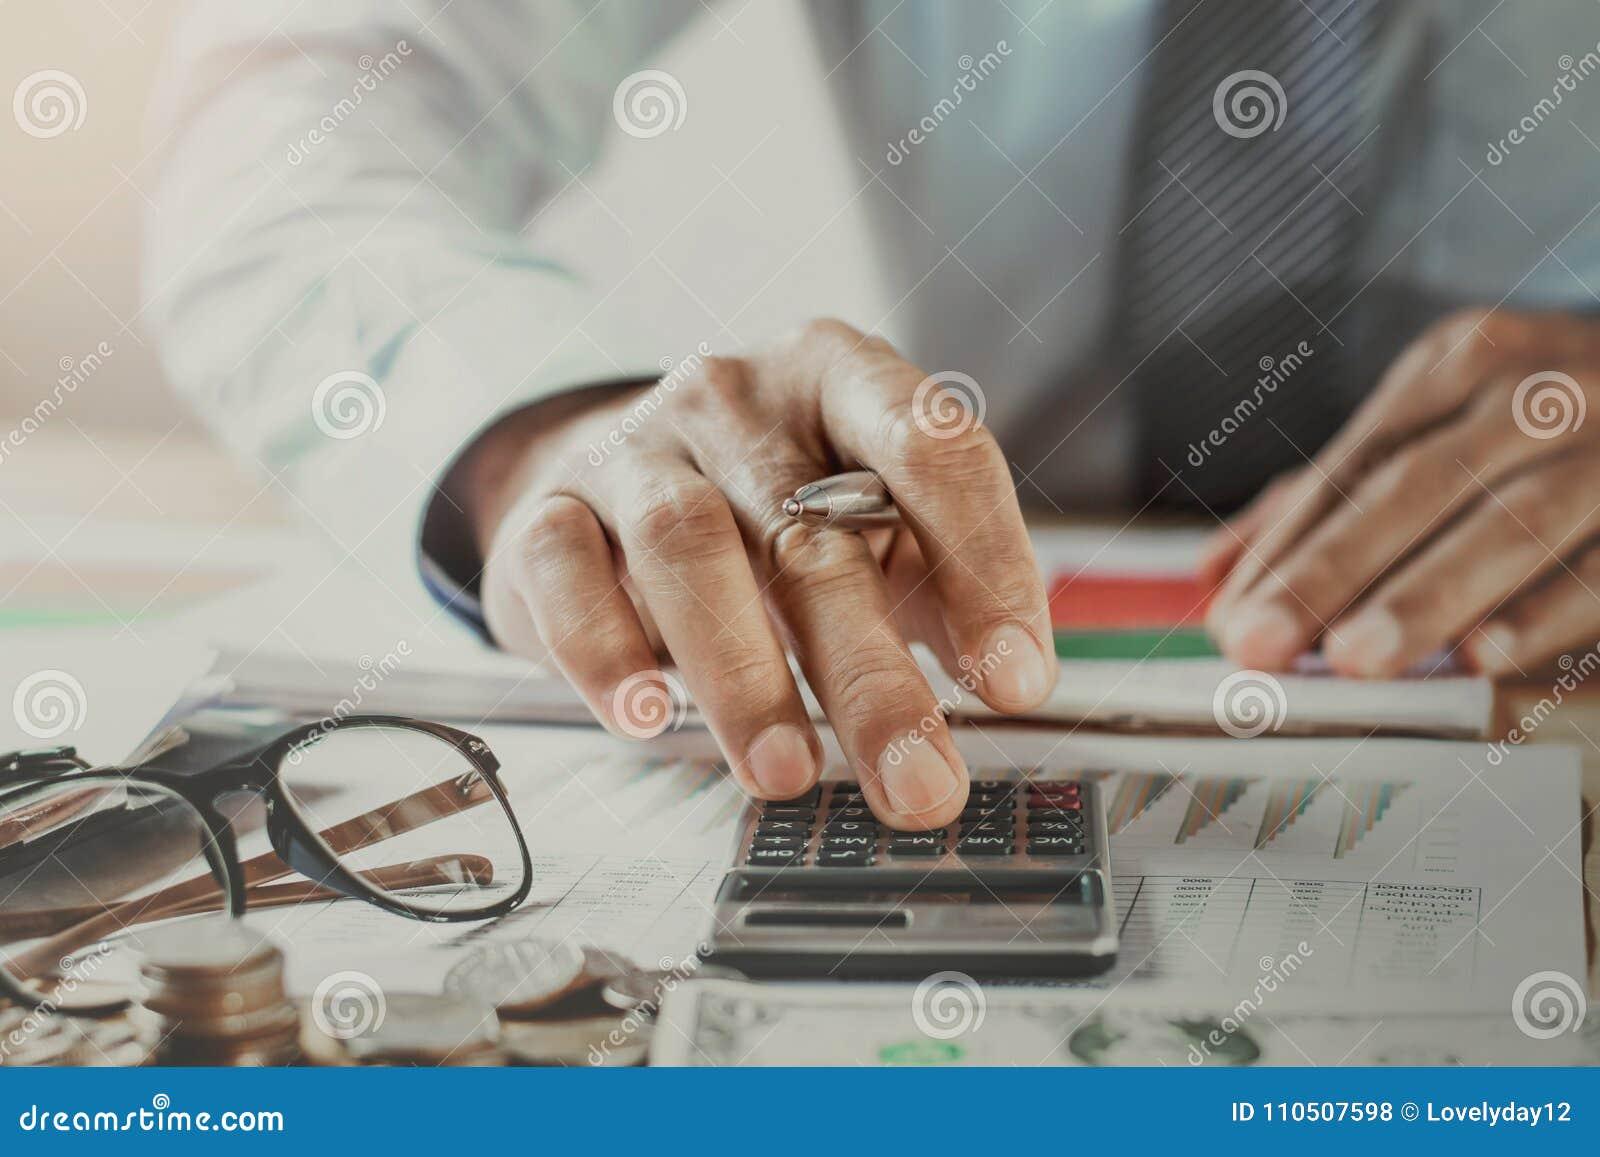 Contable Working In Office finanzas del negocio y co que considera